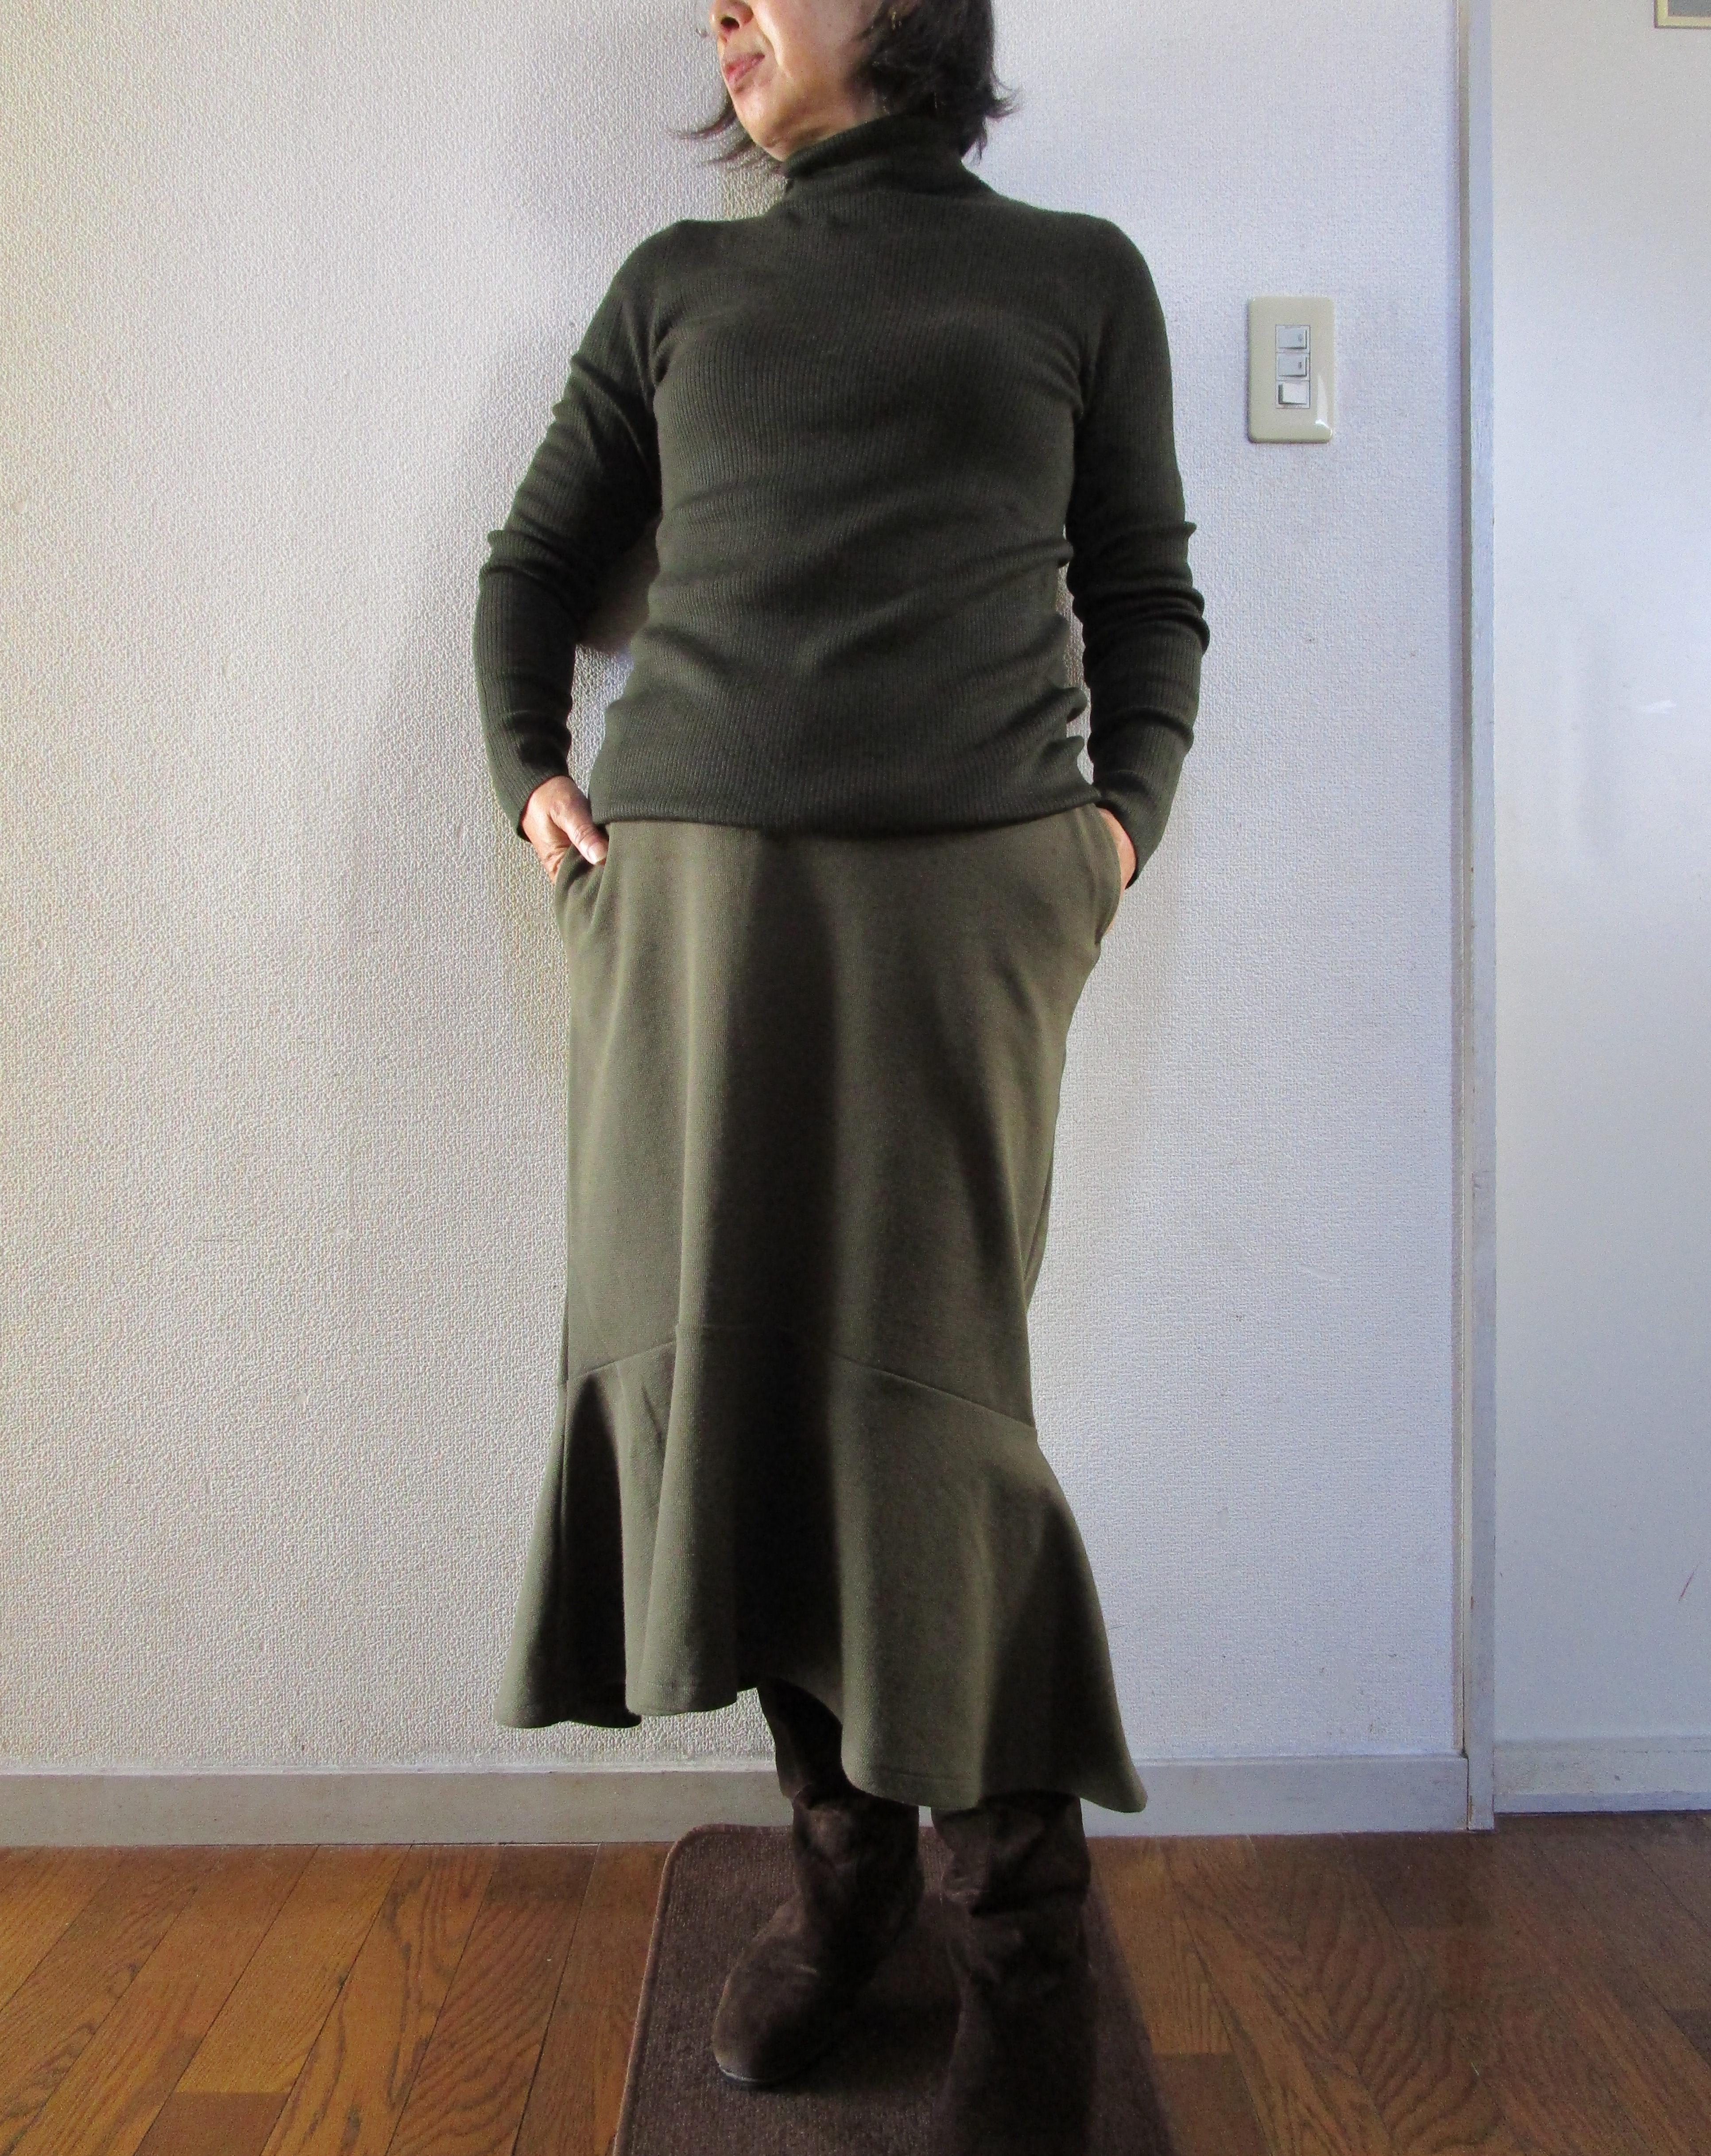 ユニクロリブタートルセーターとミラノリブスカートで上下カーキコーデ